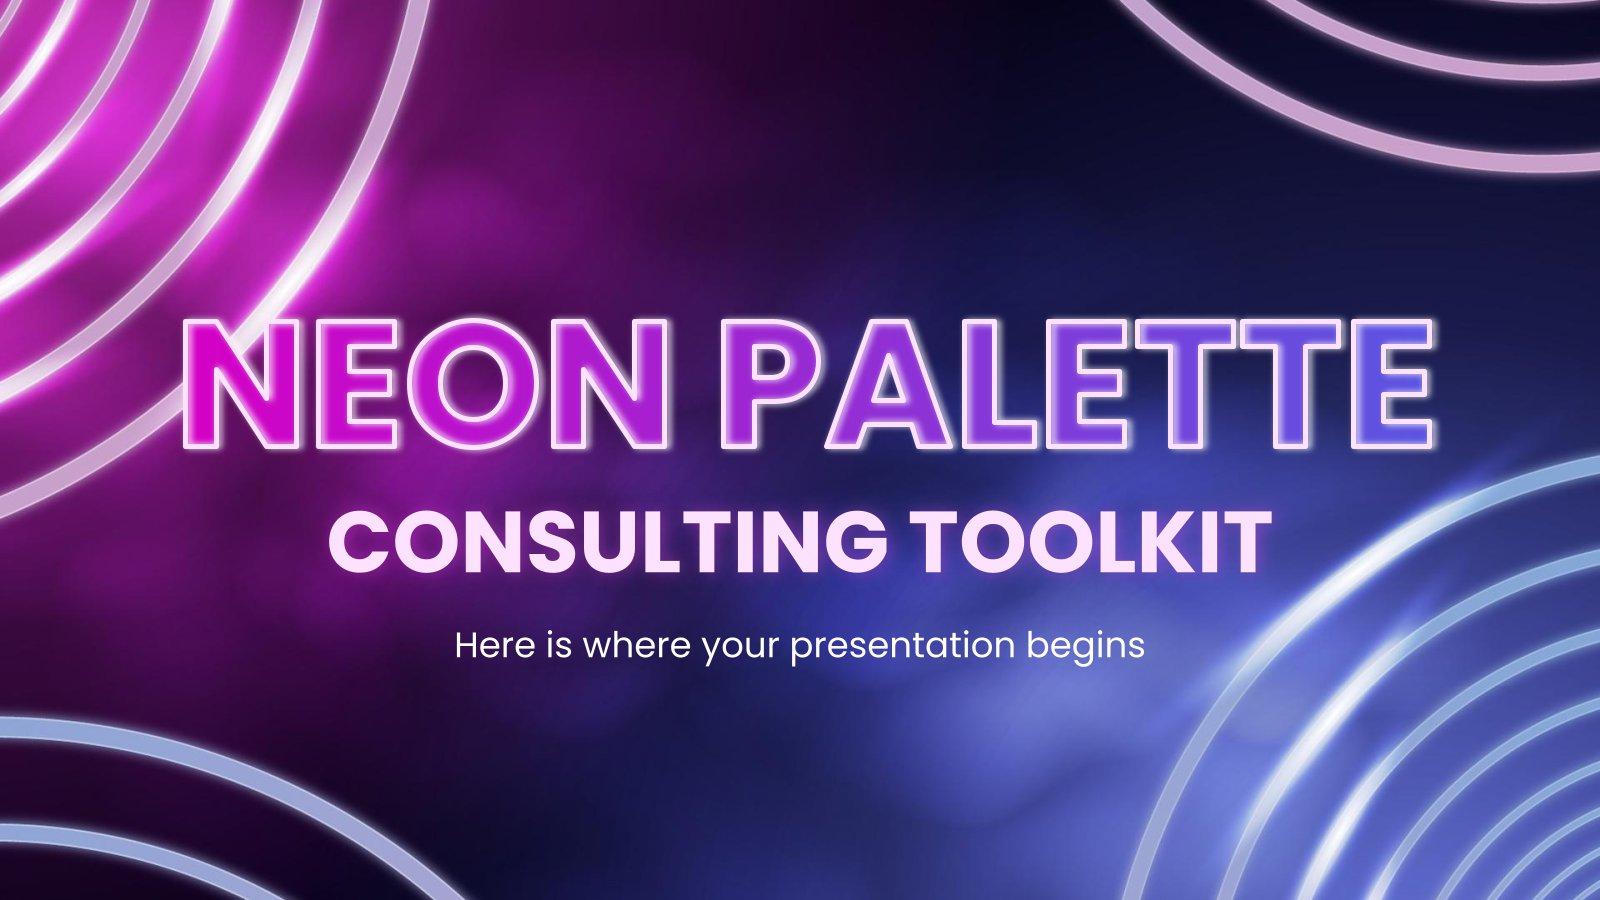 Modelo de apresentação Kit de ferramentas de consultoria de paleta néon